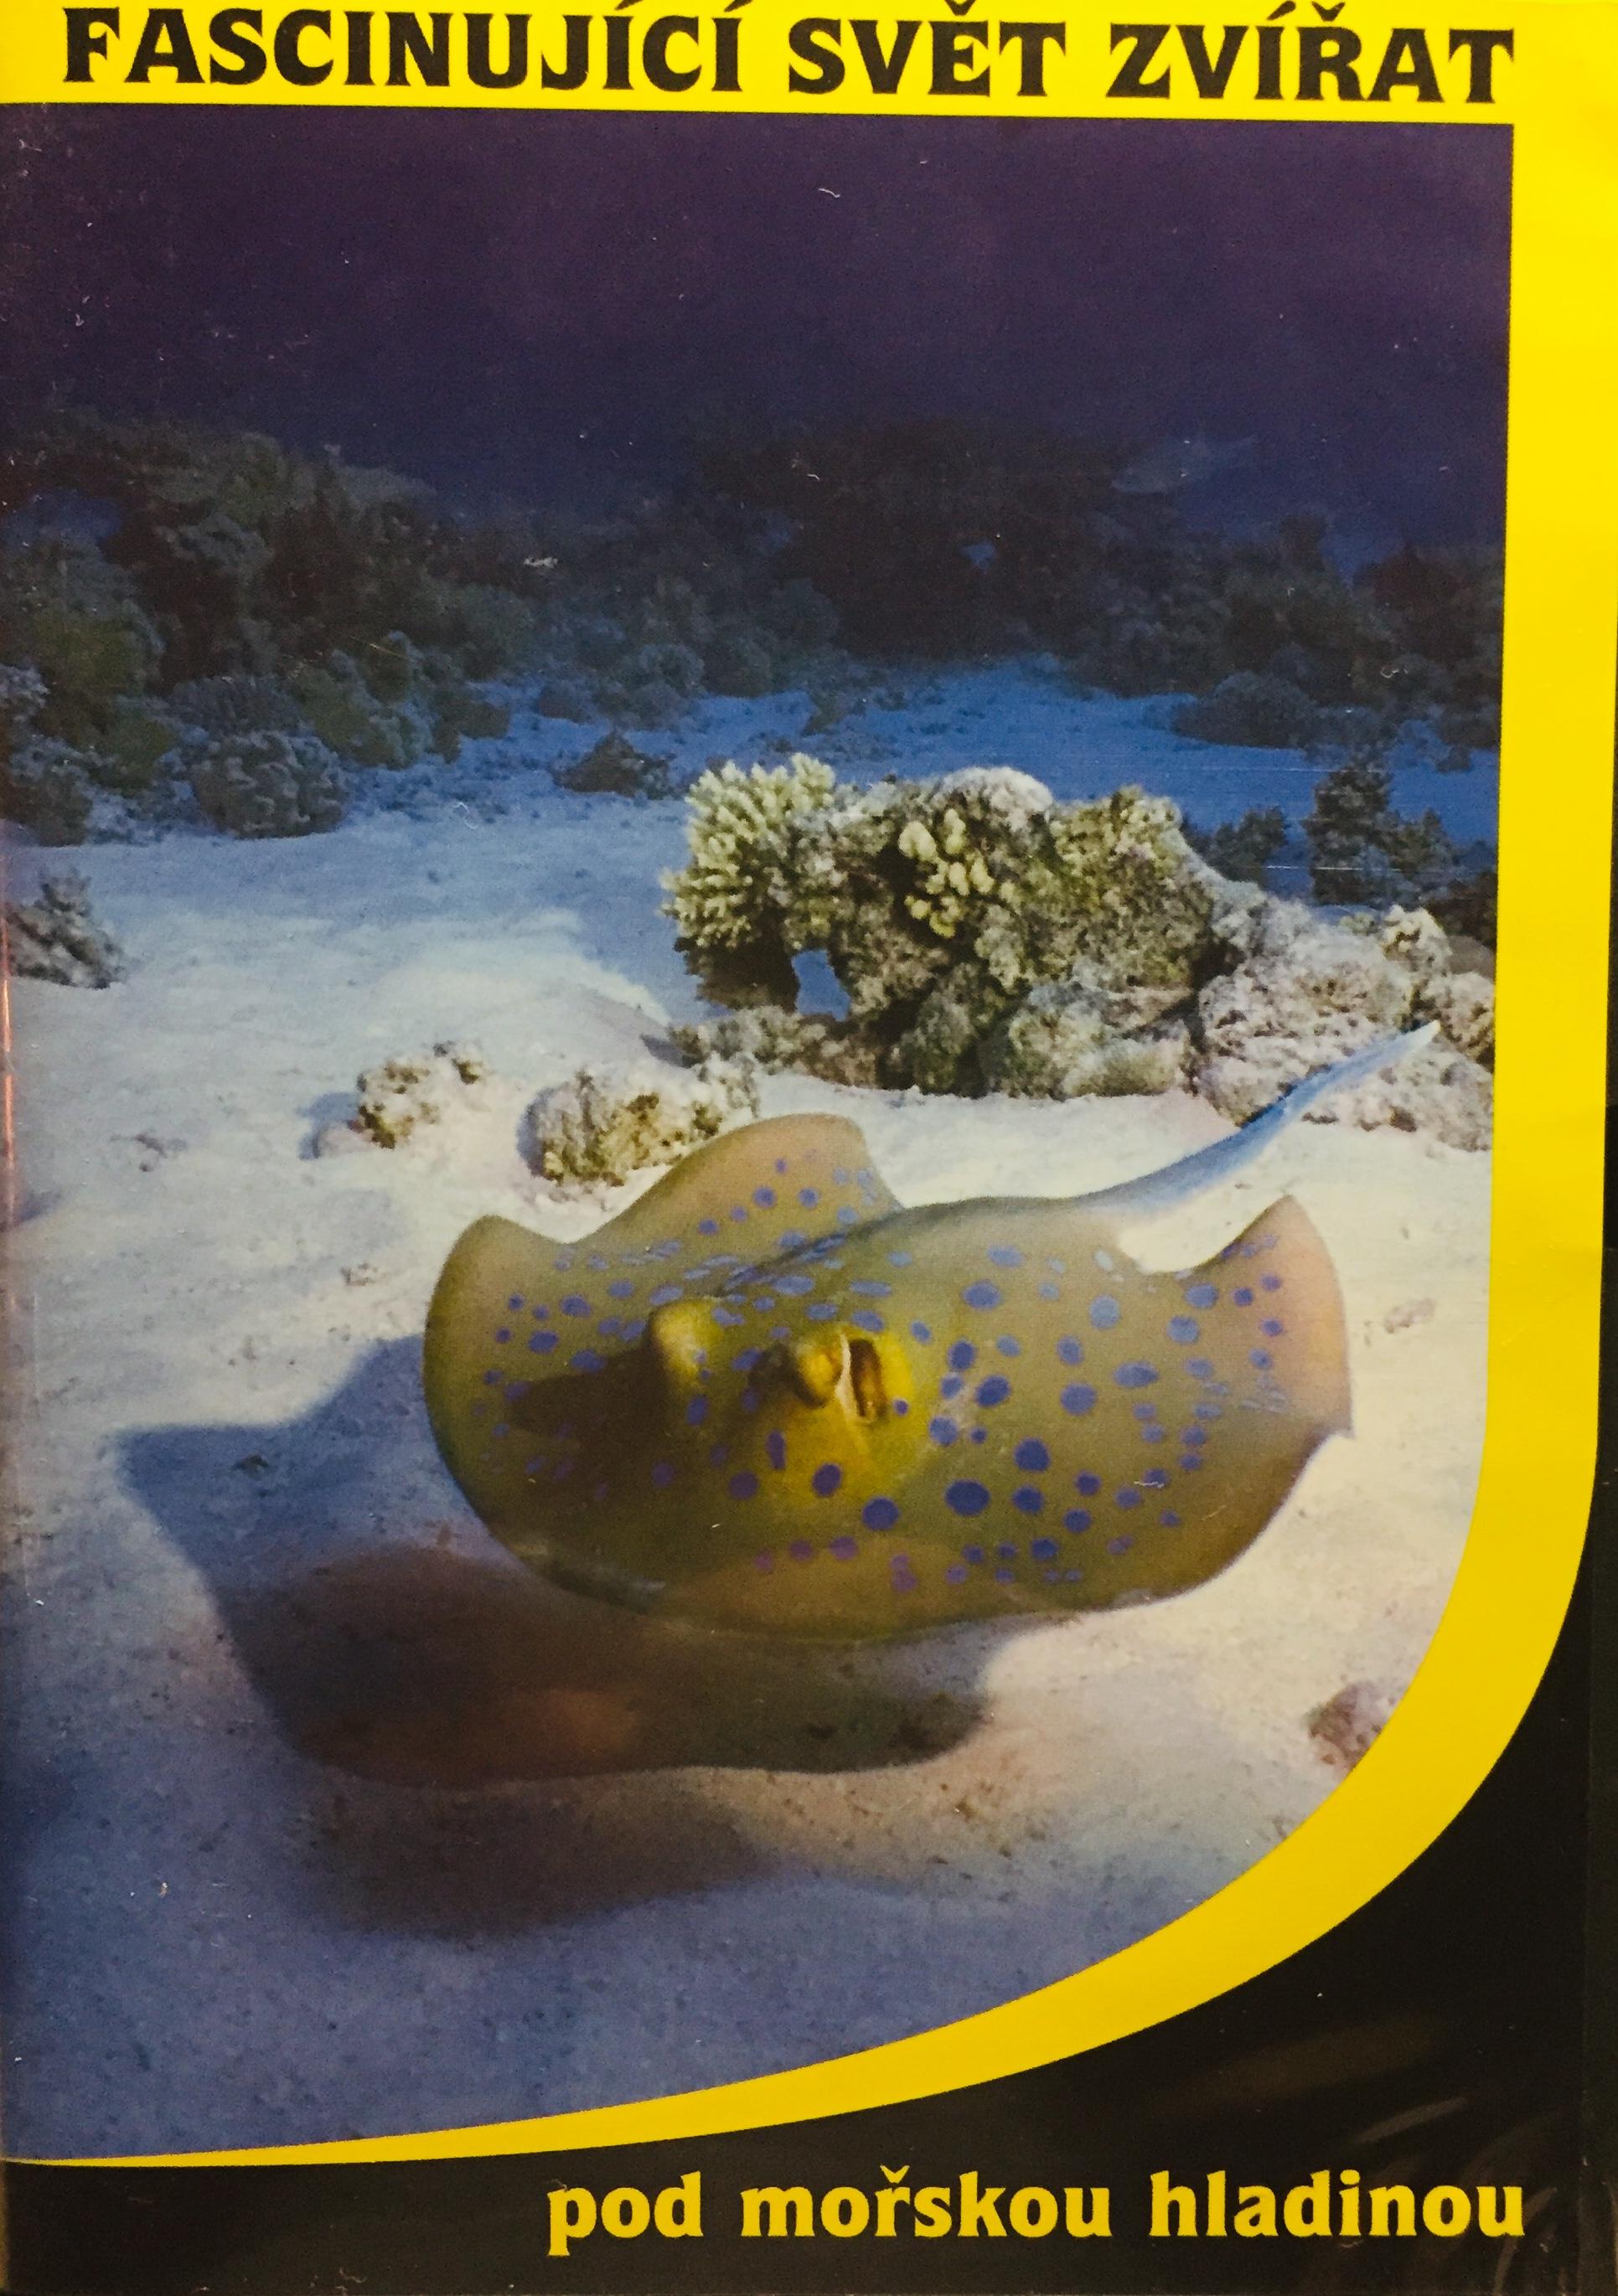 Fascinující svět zvířat - pod mořskou hladinou - DVD /plast/